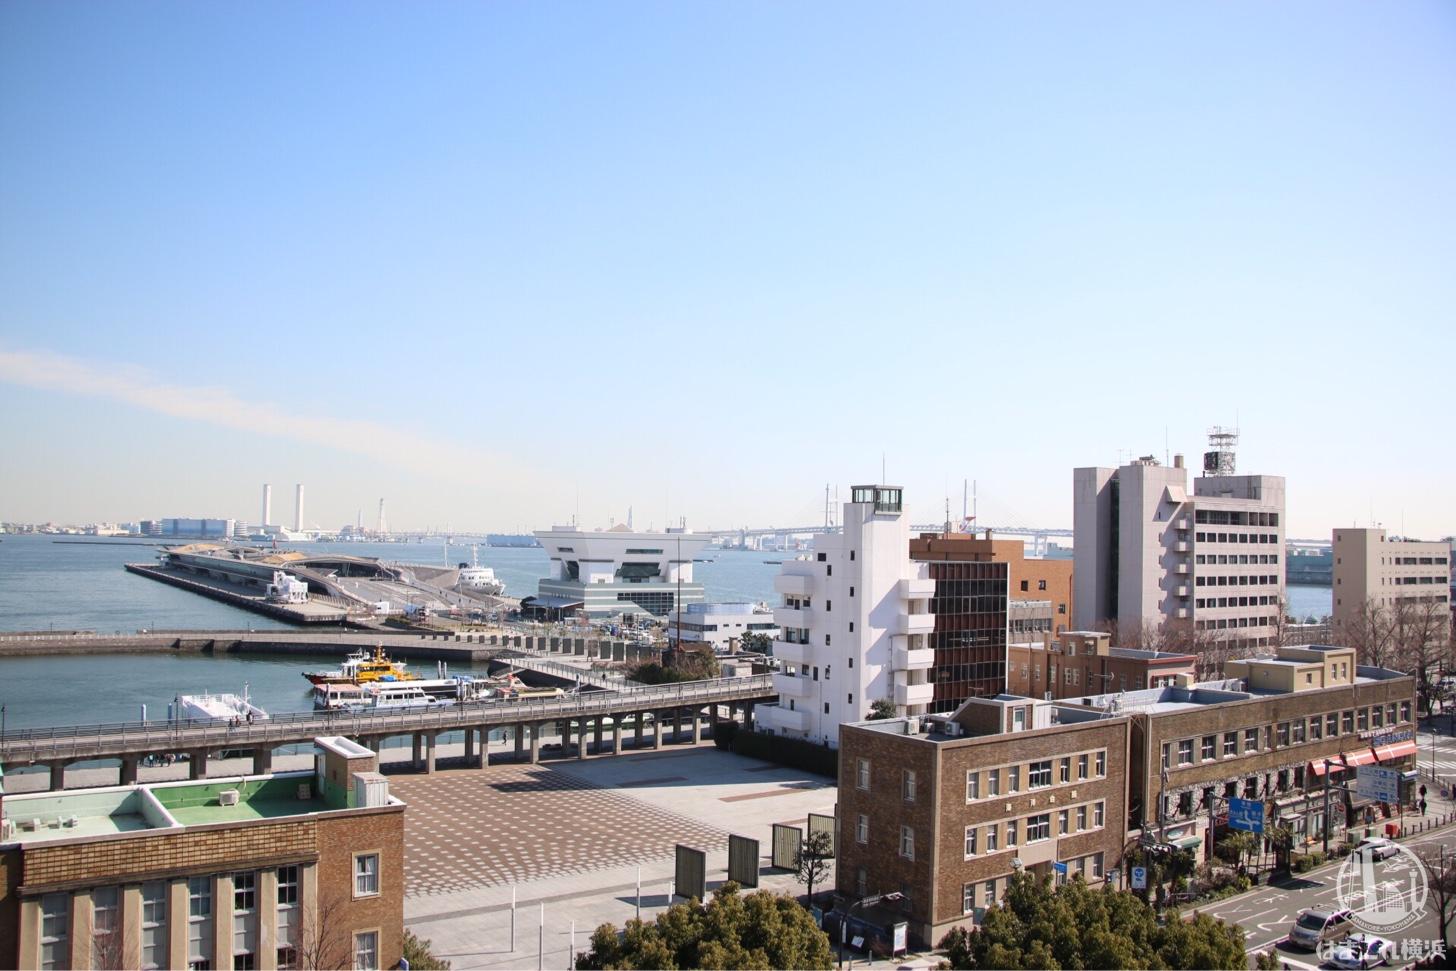 神奈川県庁本庁舎(キングの塔)展望台から見た横浜港